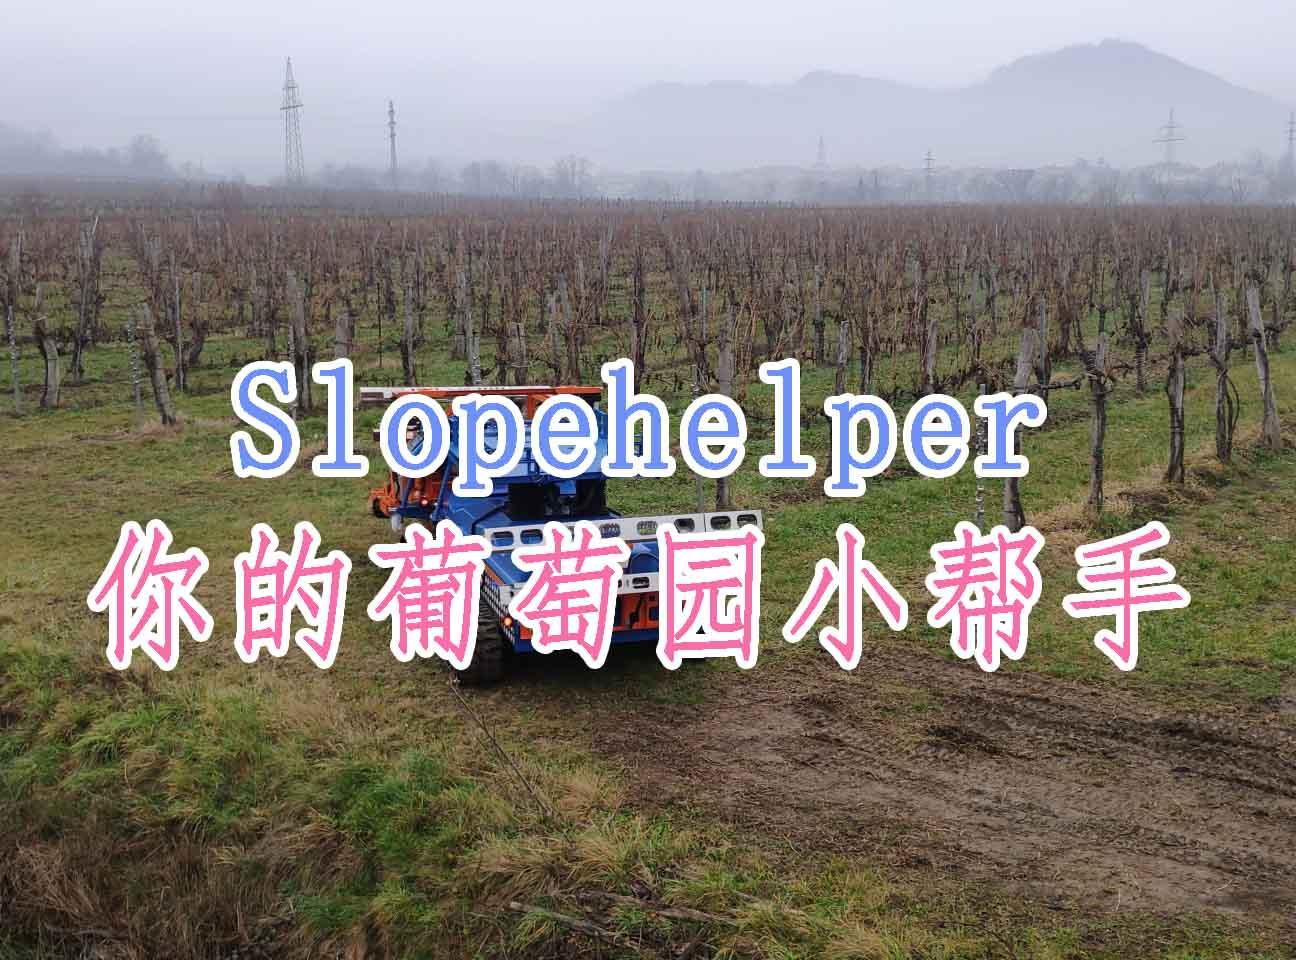 農業機器人Slopehelper,你的葡萄園小幫手